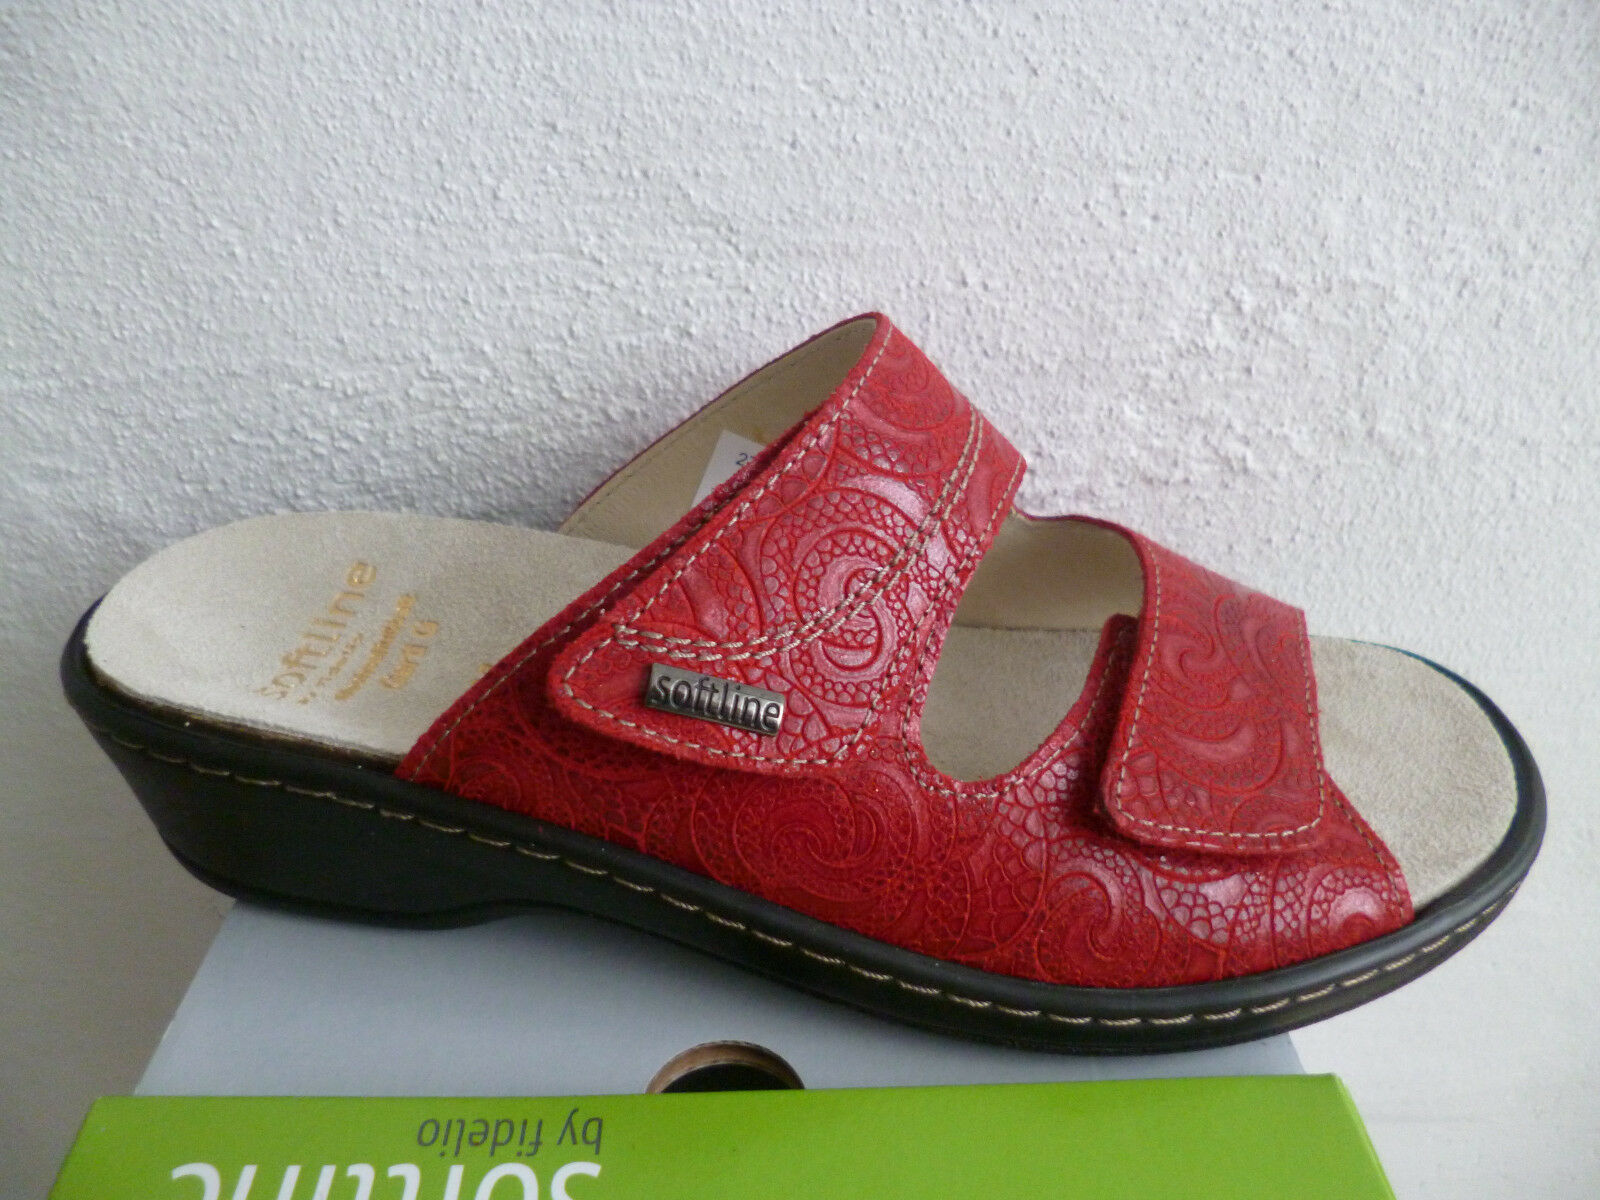 Fidelio Sandali da Donna Sandali Pelle Pantofole Rosso in Pelle Pelle Sandali Plantare Nuovo! d6bcbe